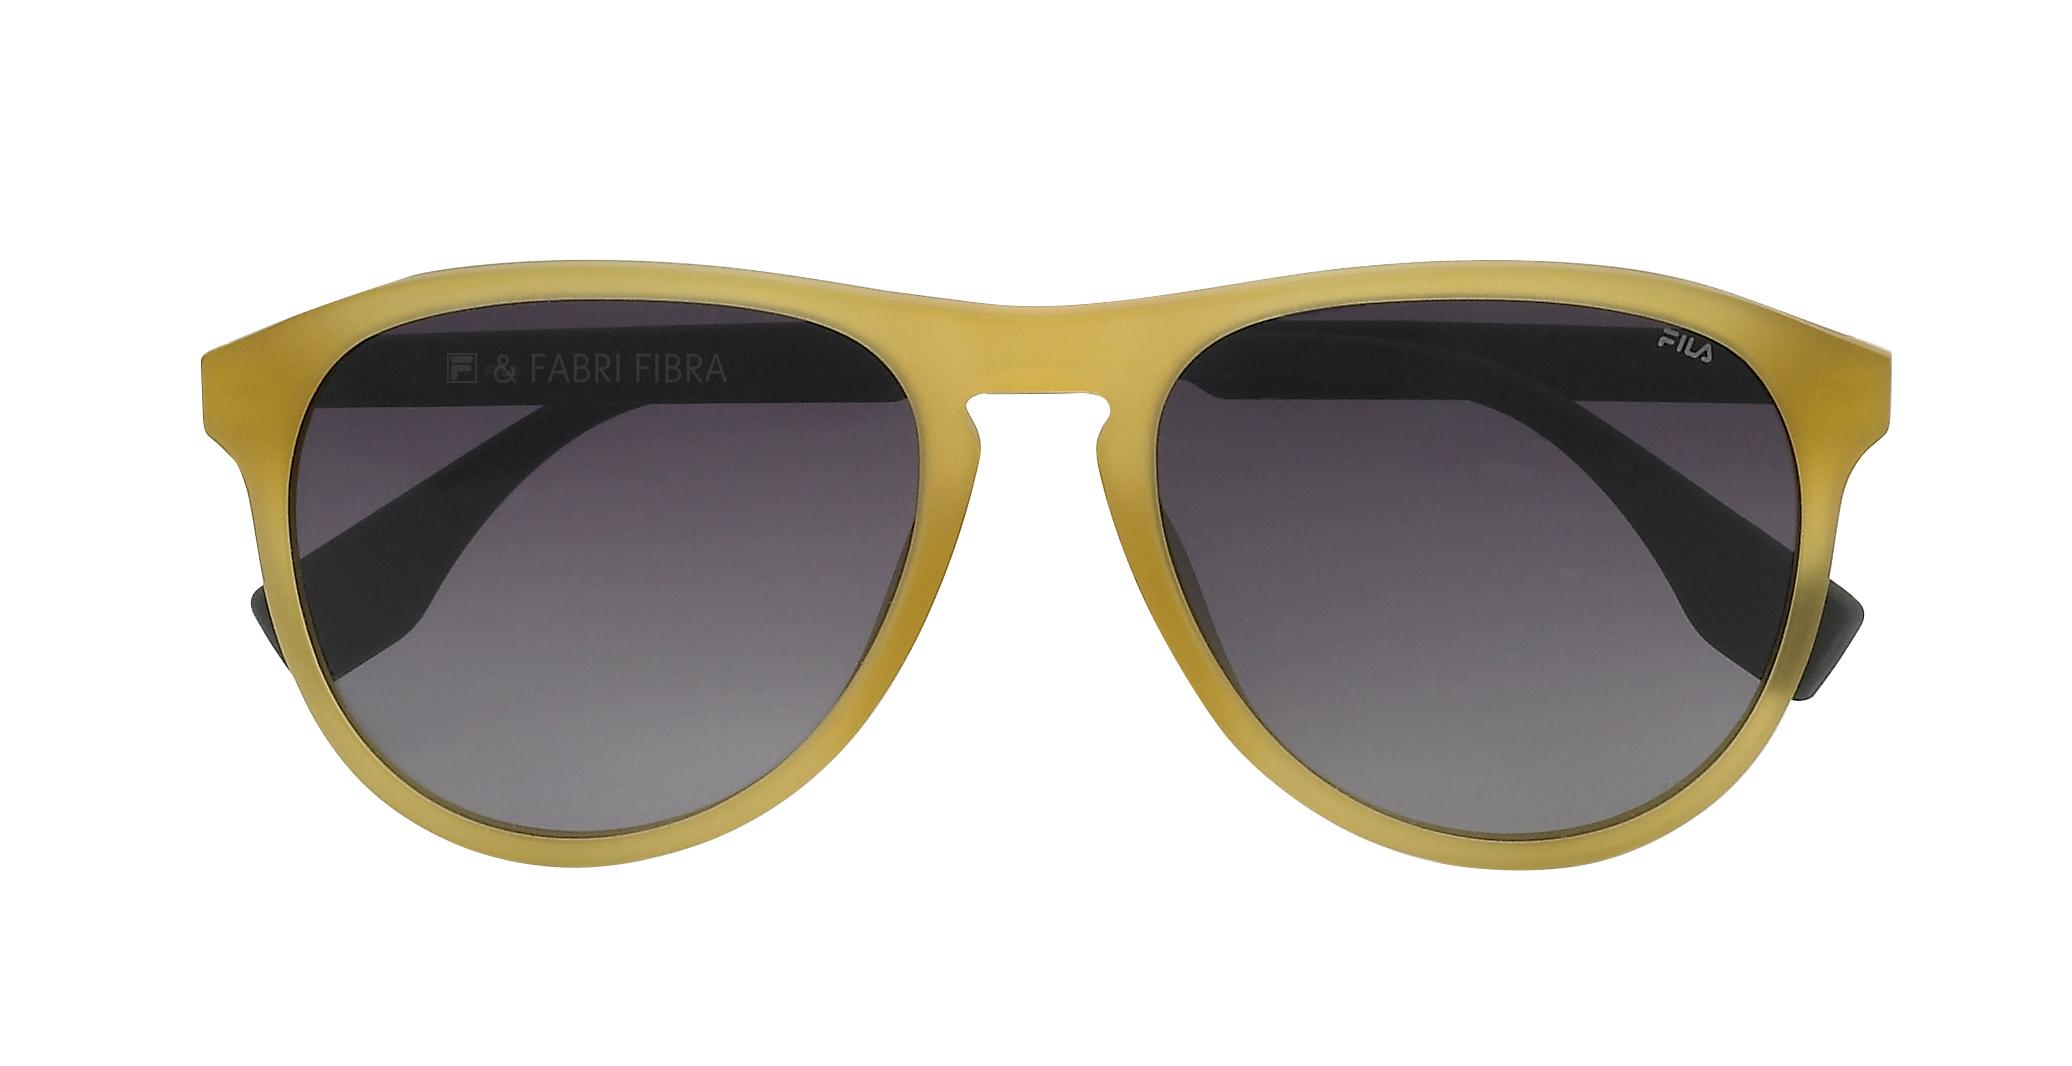 Fila Fabri Fibra occhiali da sole